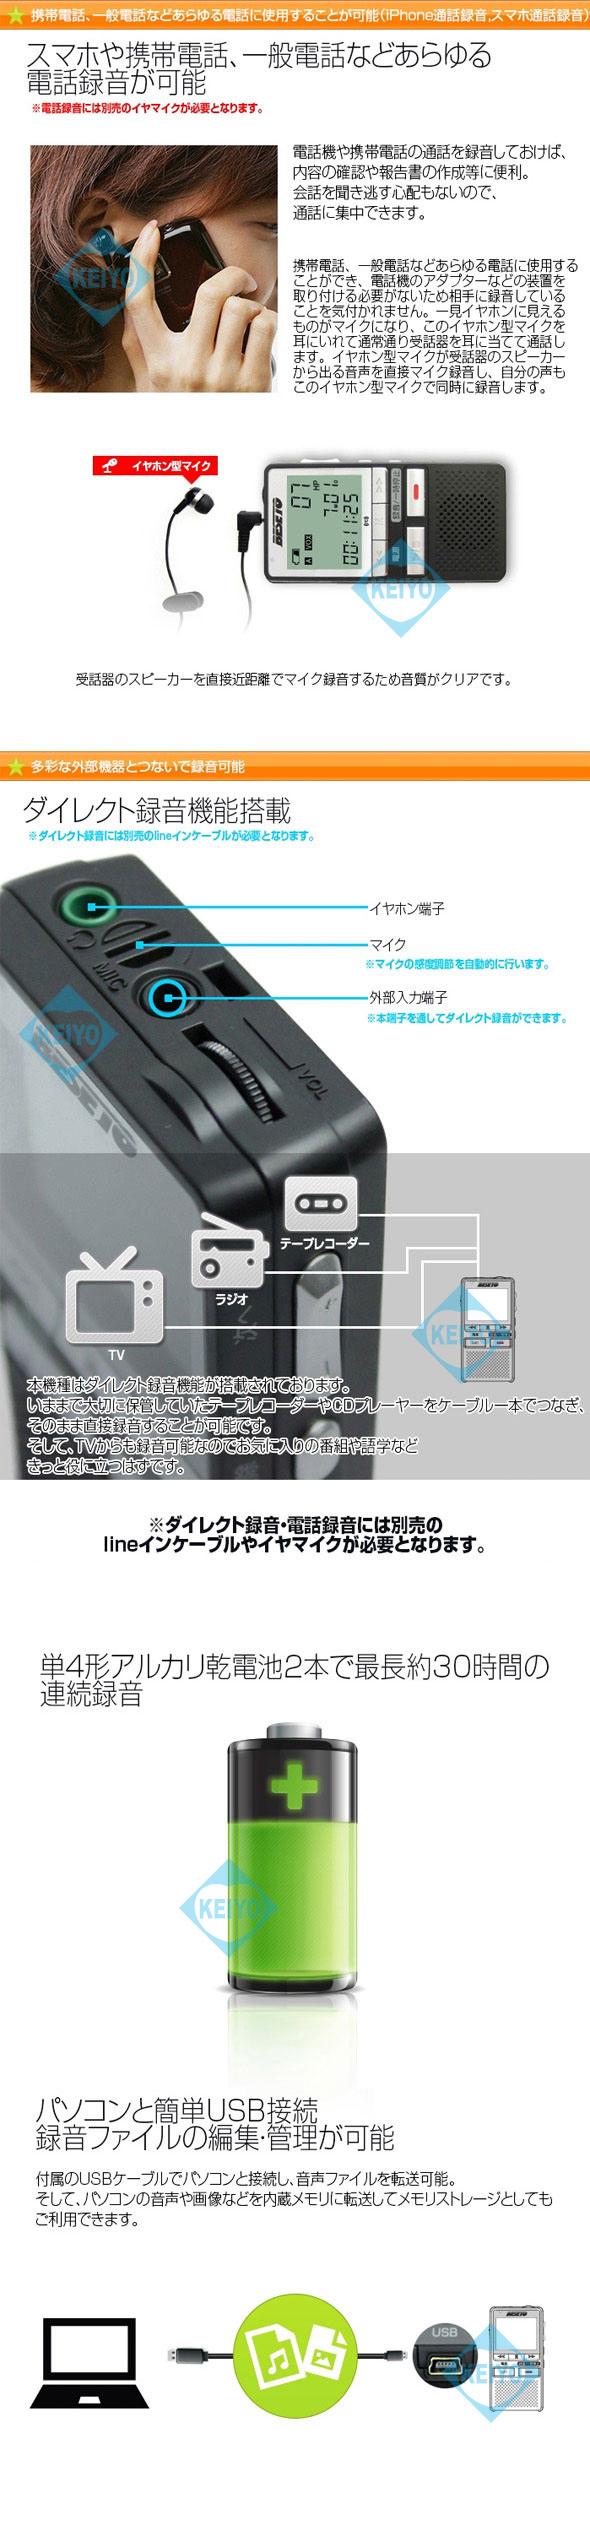 VR-004SV,製品詳細2